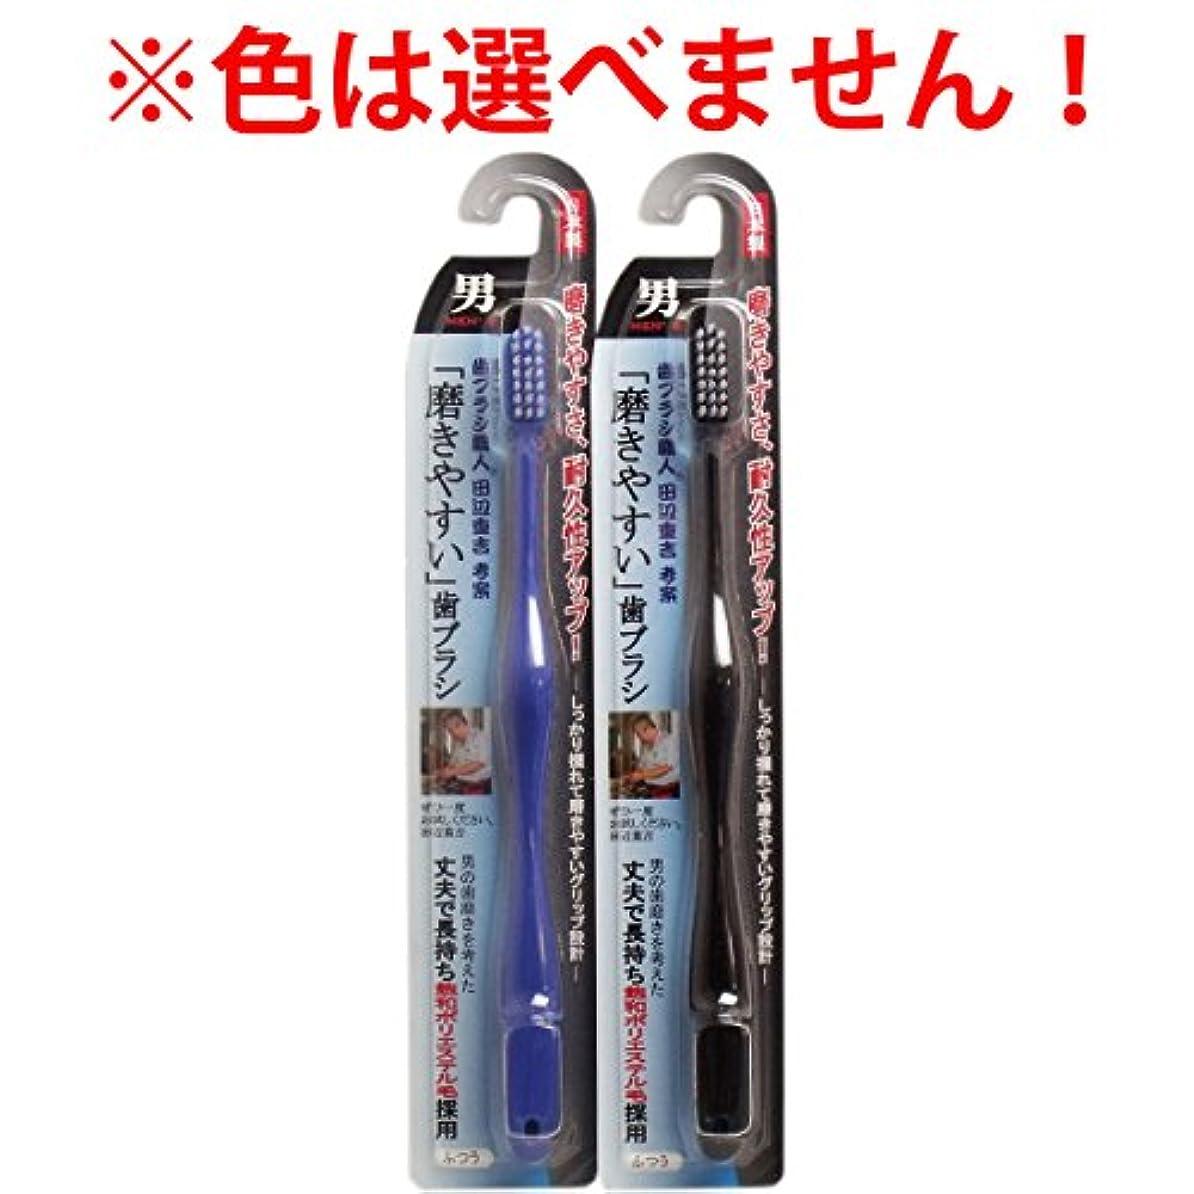 機械的住居いいねライフレンジ 「磨きやすい」歯ブラシ男 LT-08 1本